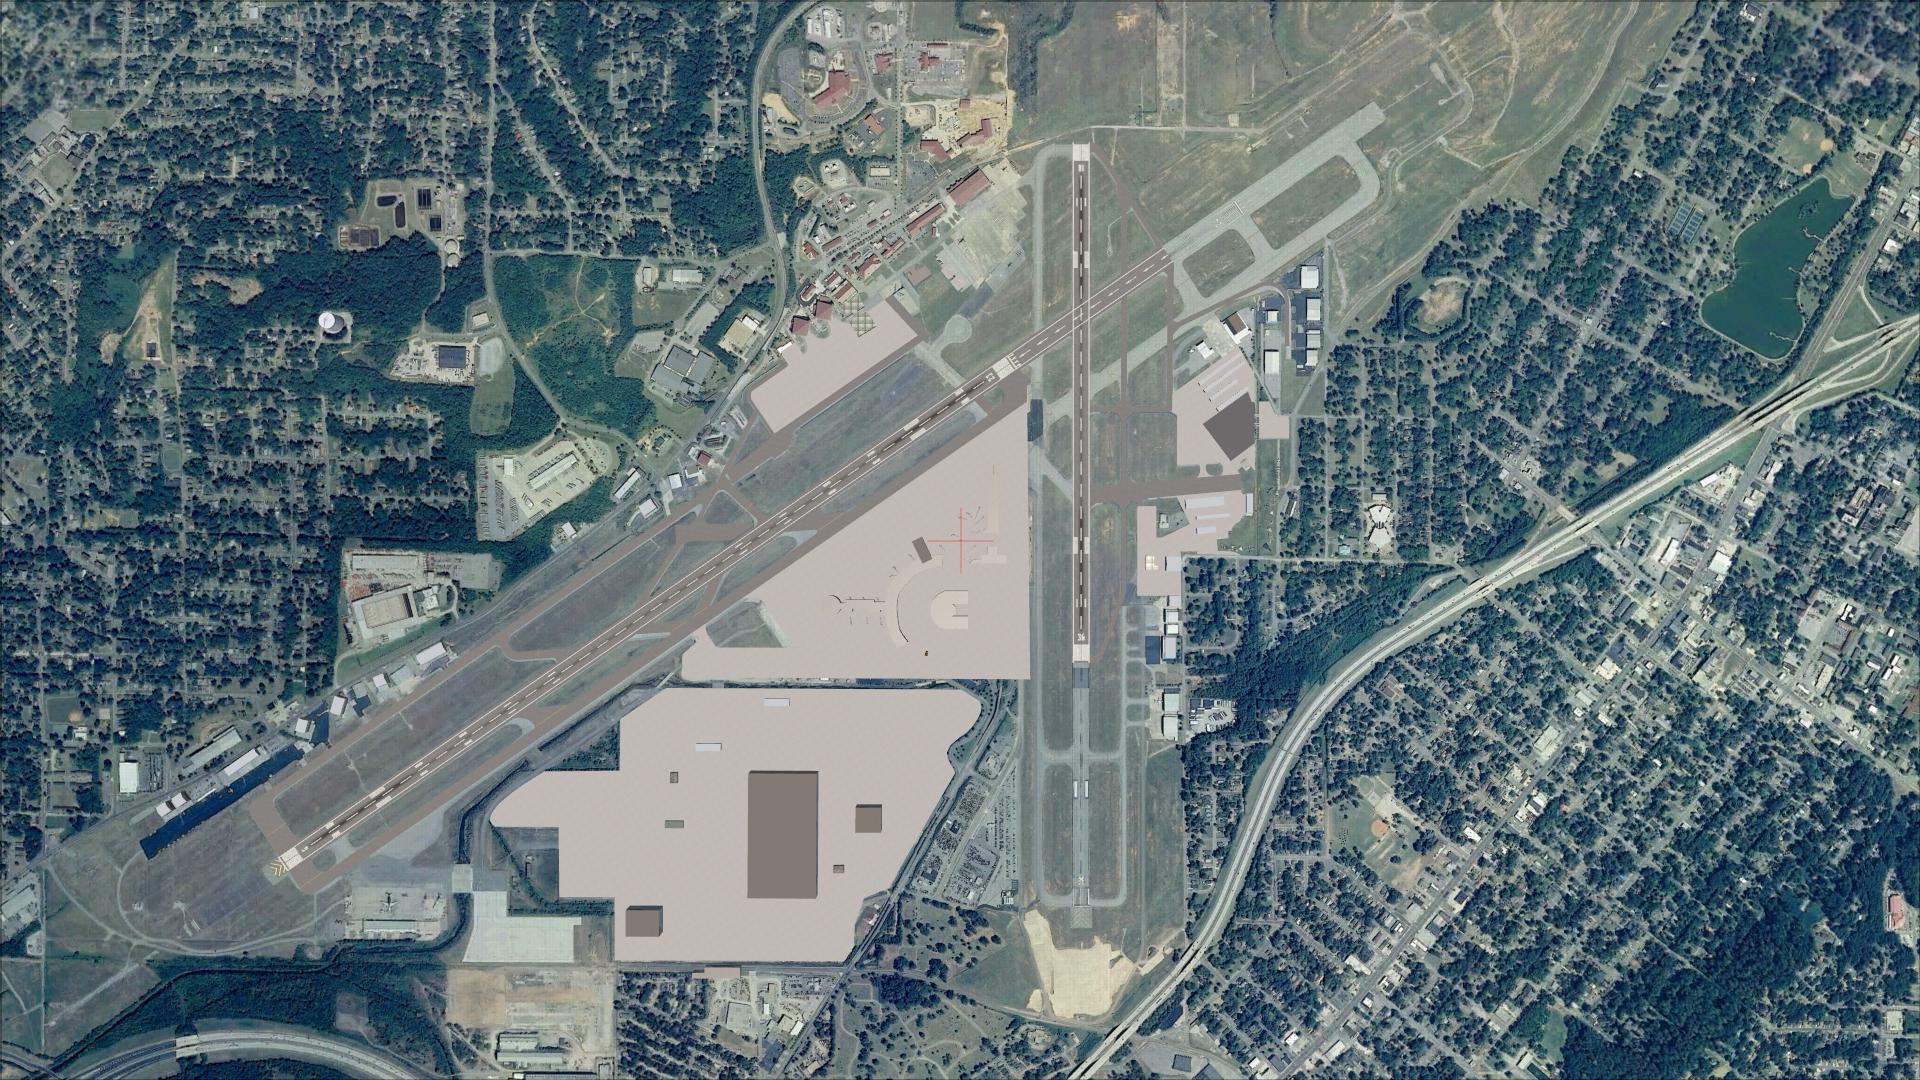 KBHM Aerial View.jpg